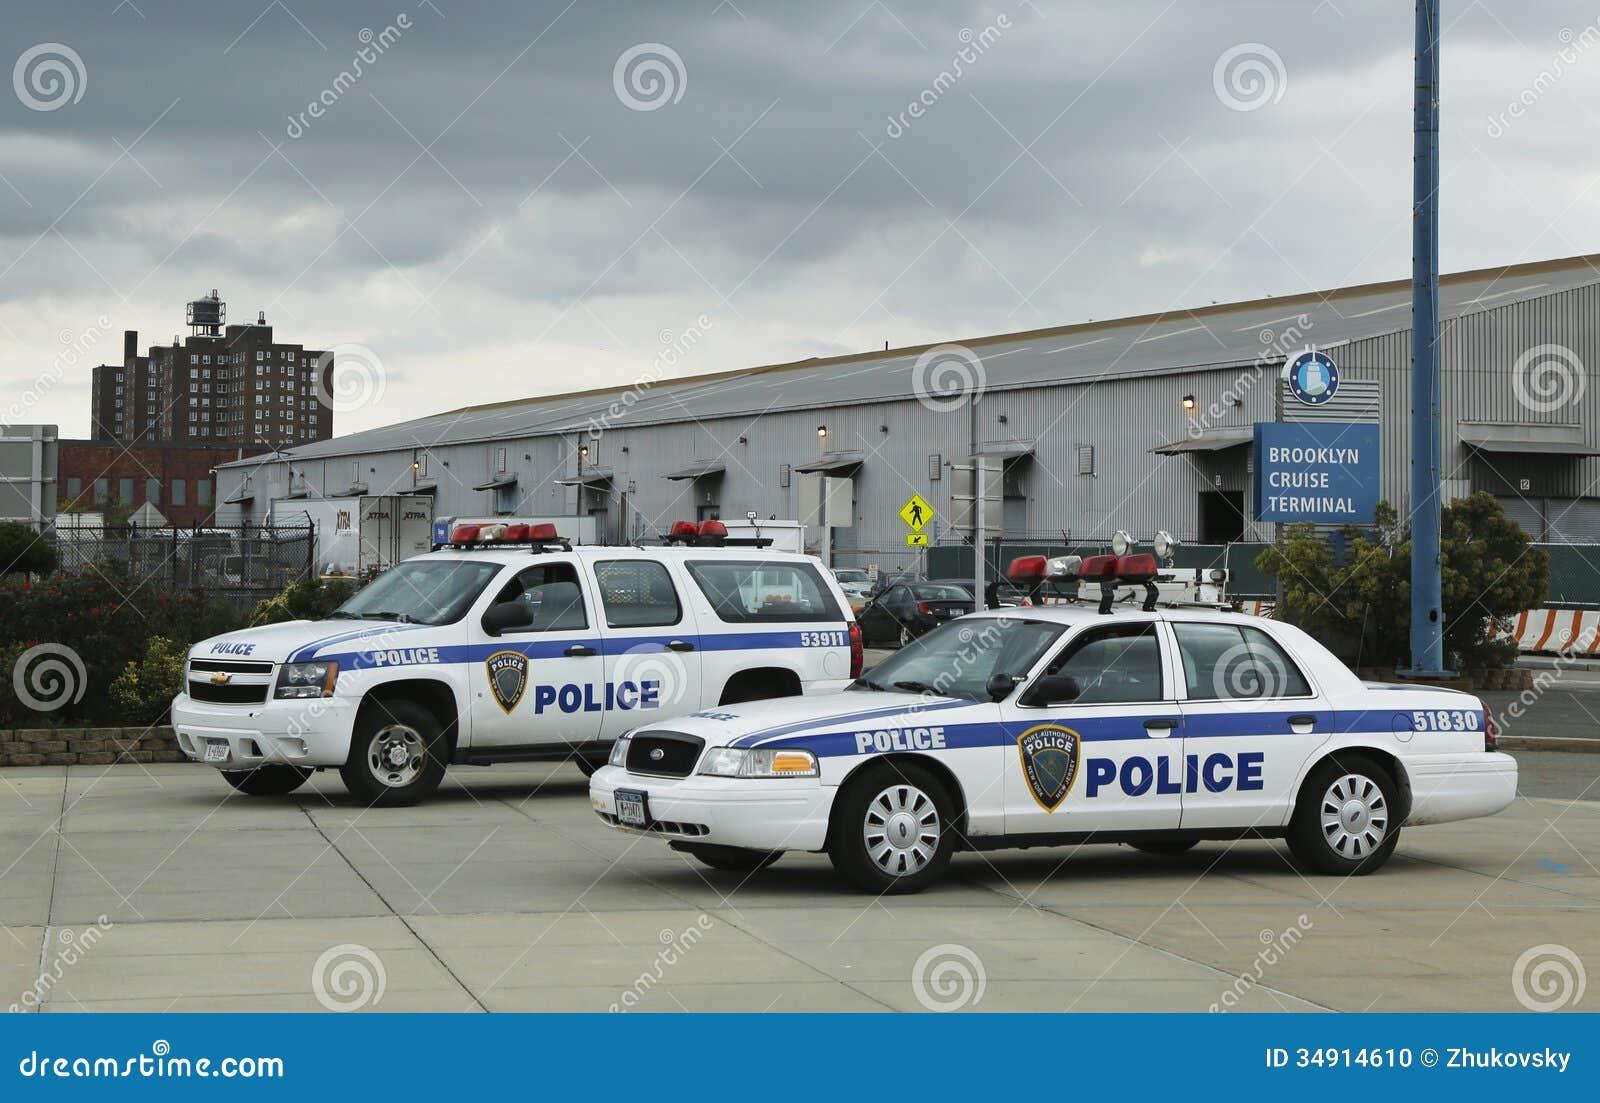 港务局警察提供安全的纽约-新泽西为鲜绿色公主游轮在布鲁克林巡航终端靠了码头